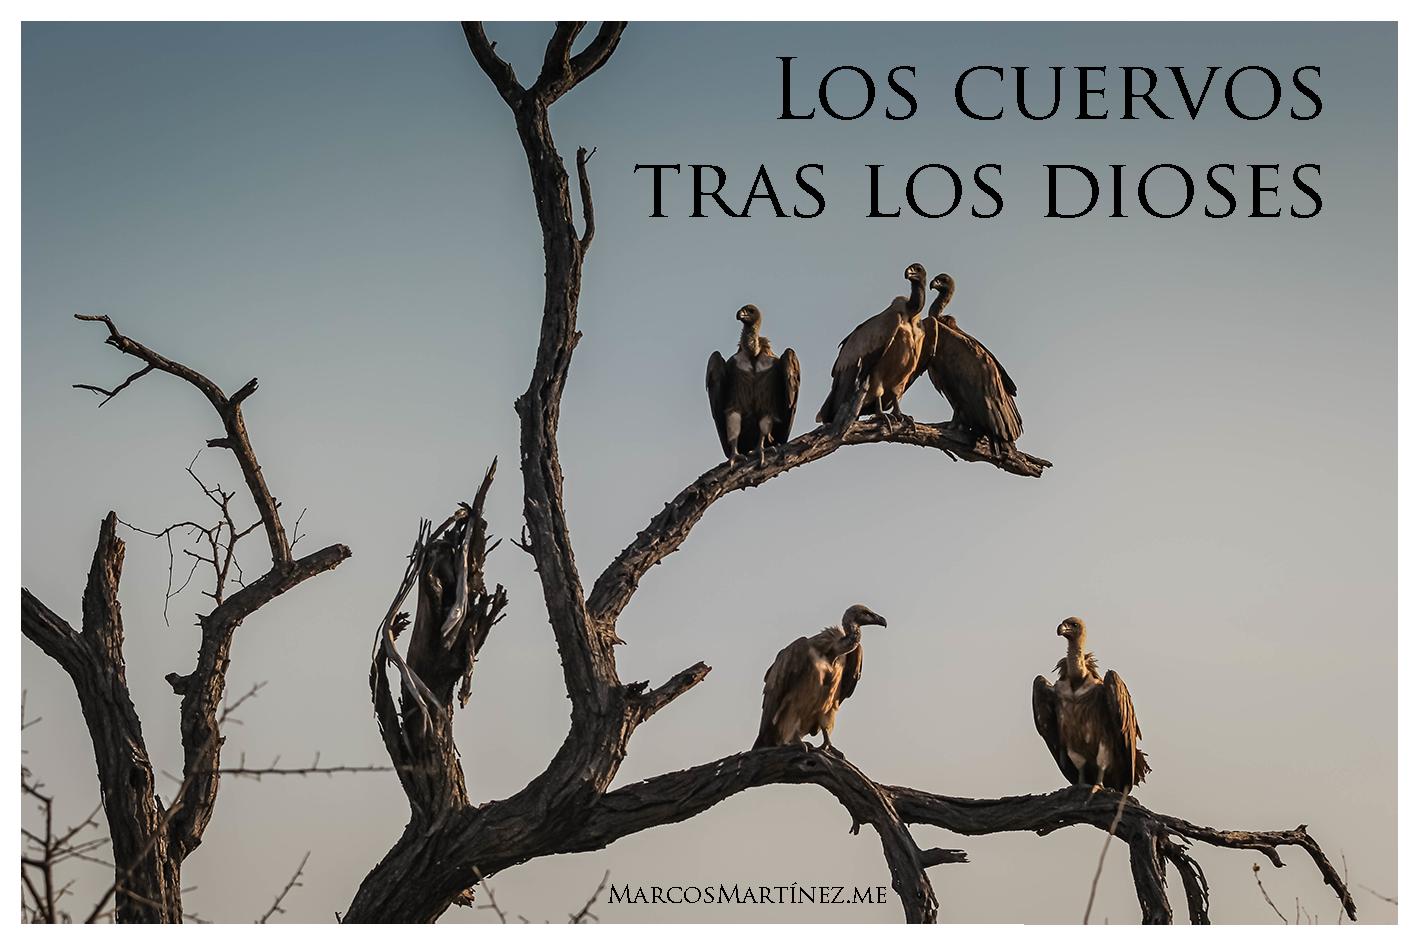 los cuervos tras los dioses 2